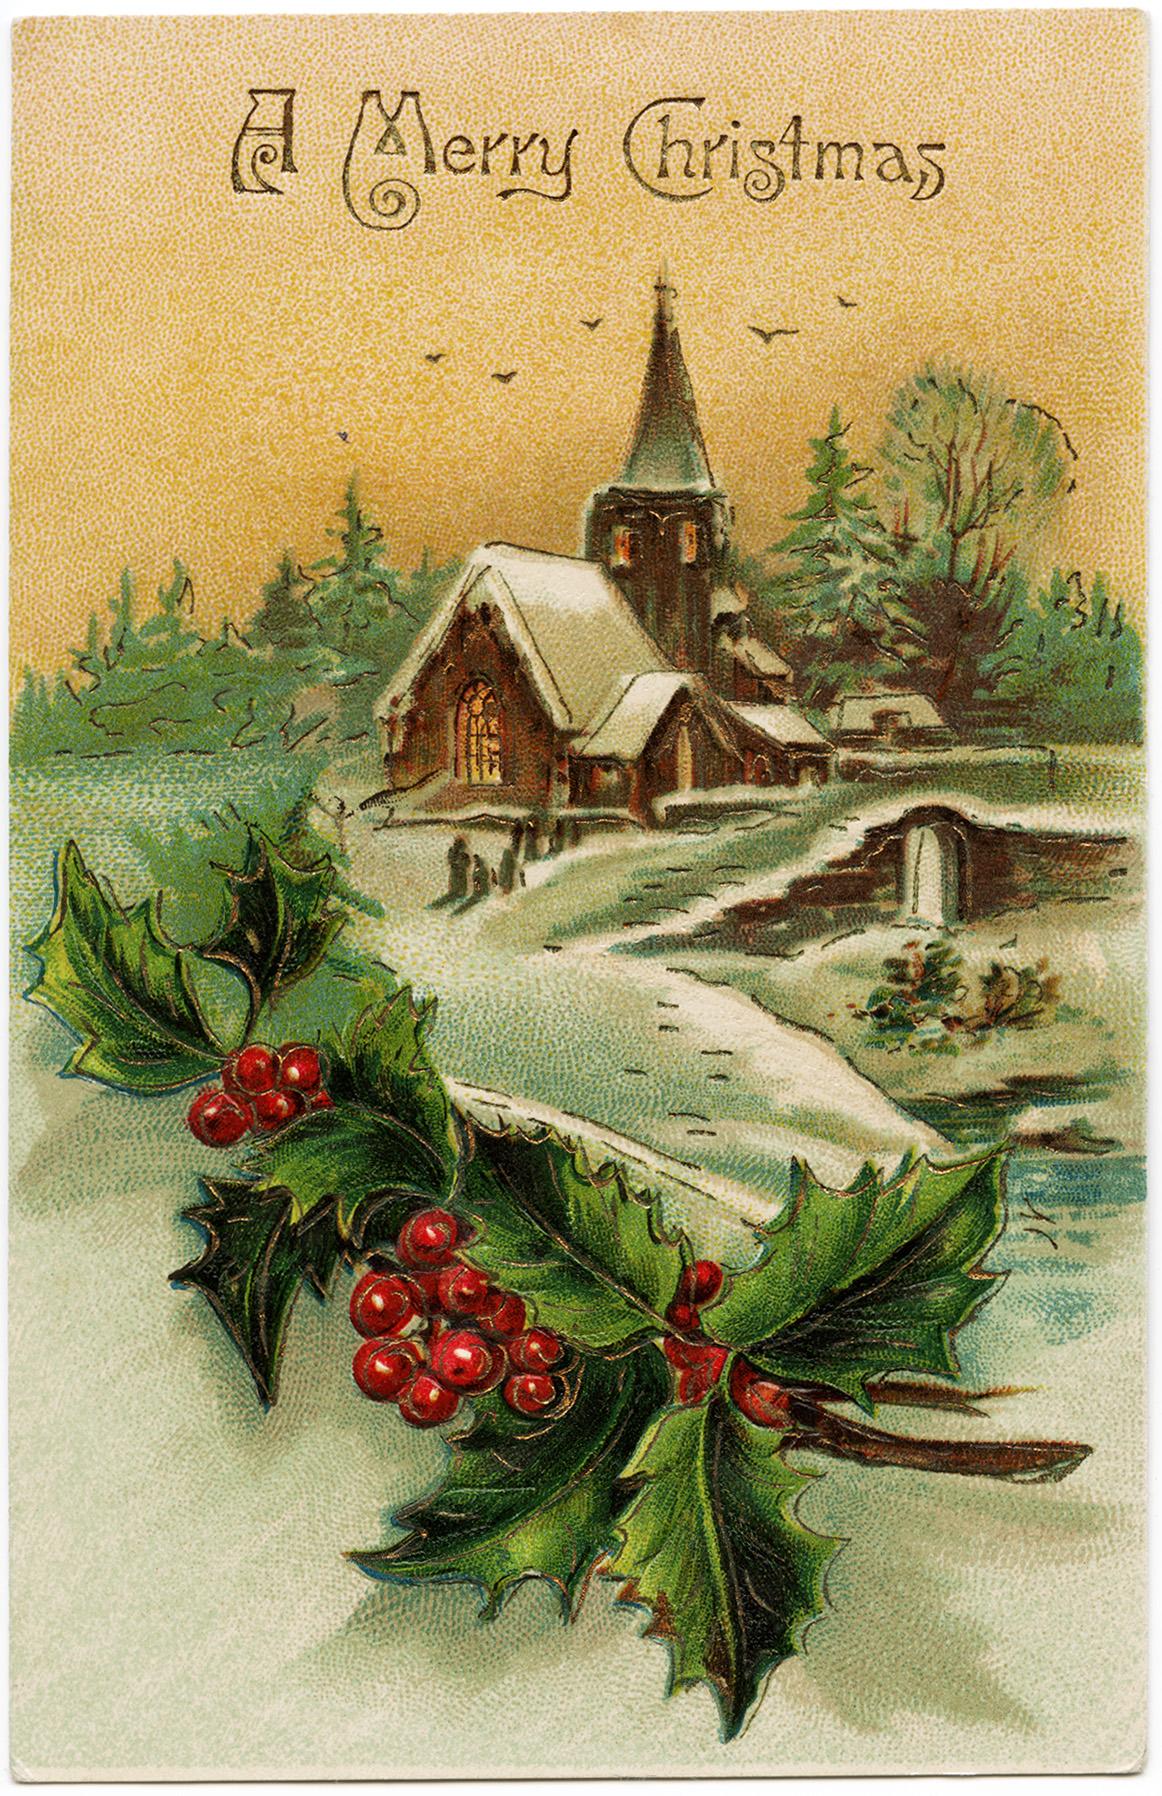 merry Christmas beautiful scene